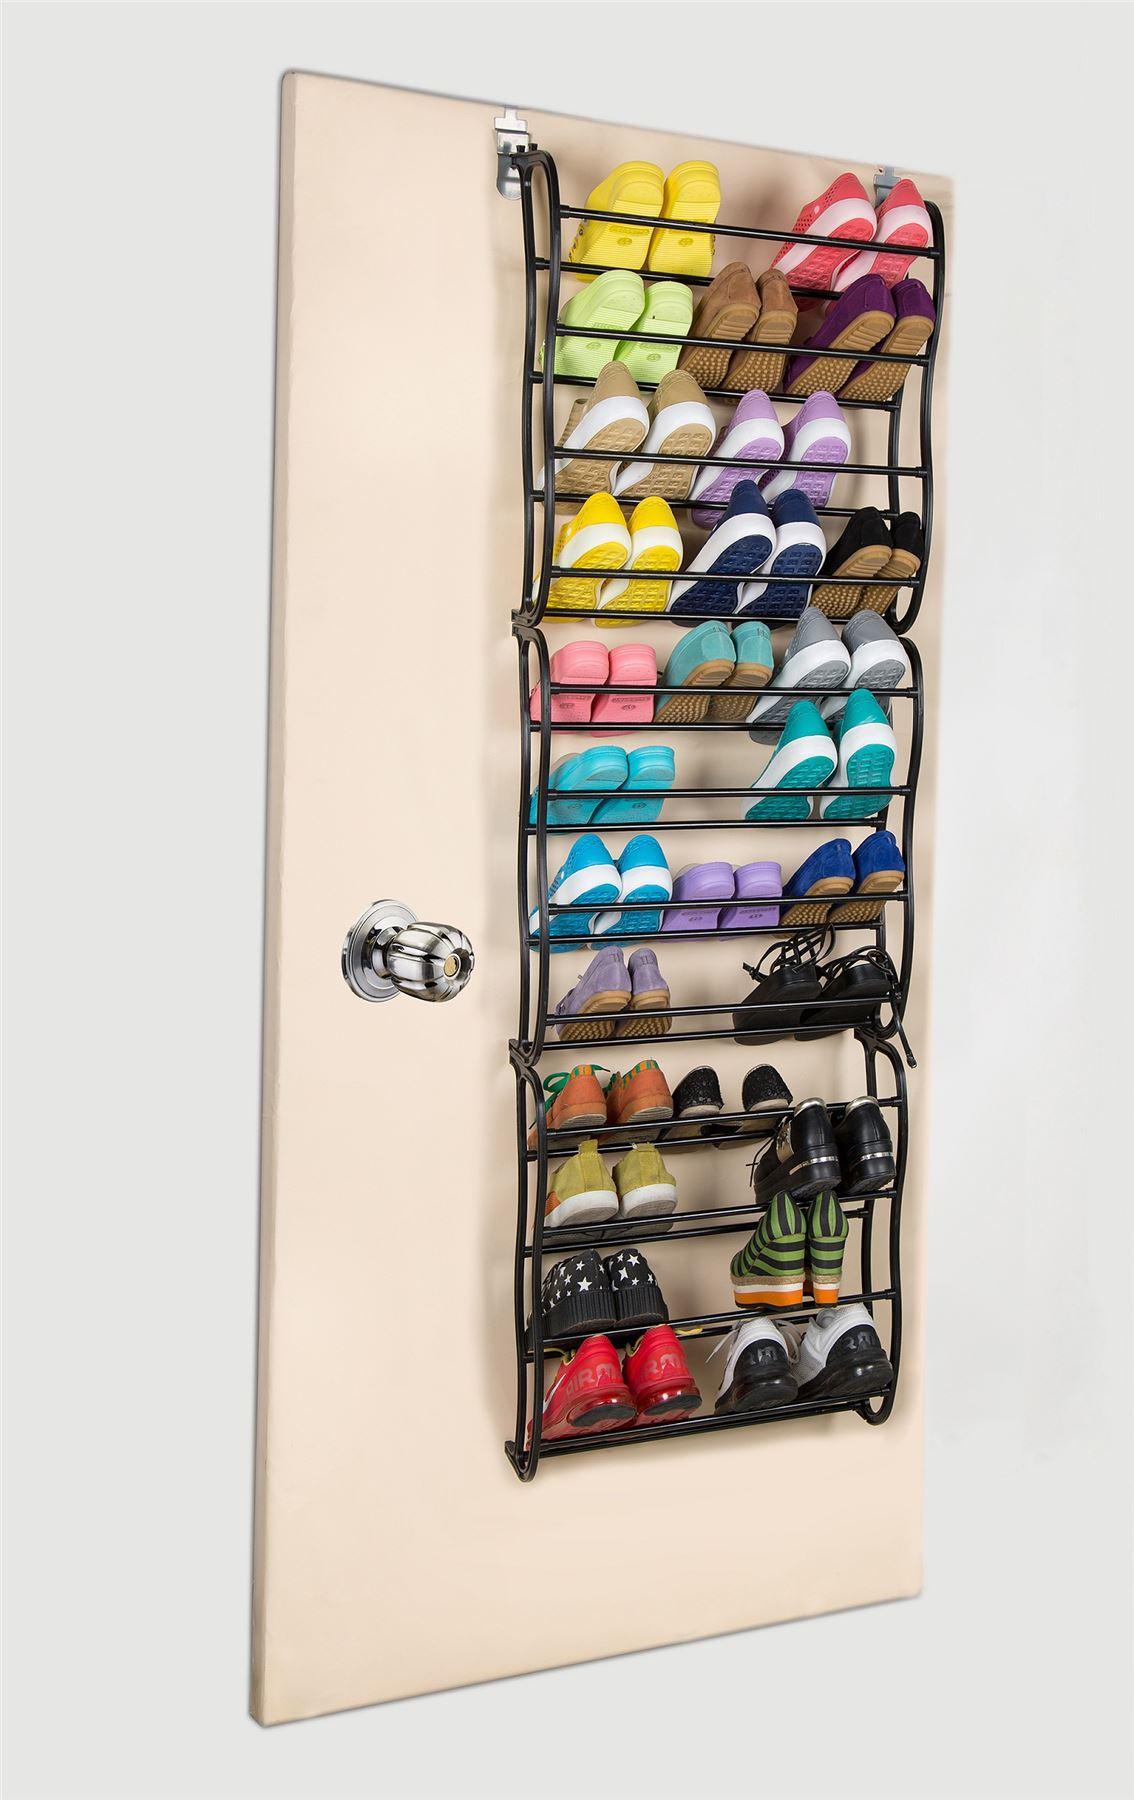 36 Pair Over The Door Hanging Shoe Rack 36 Pair Over The Door Hanging